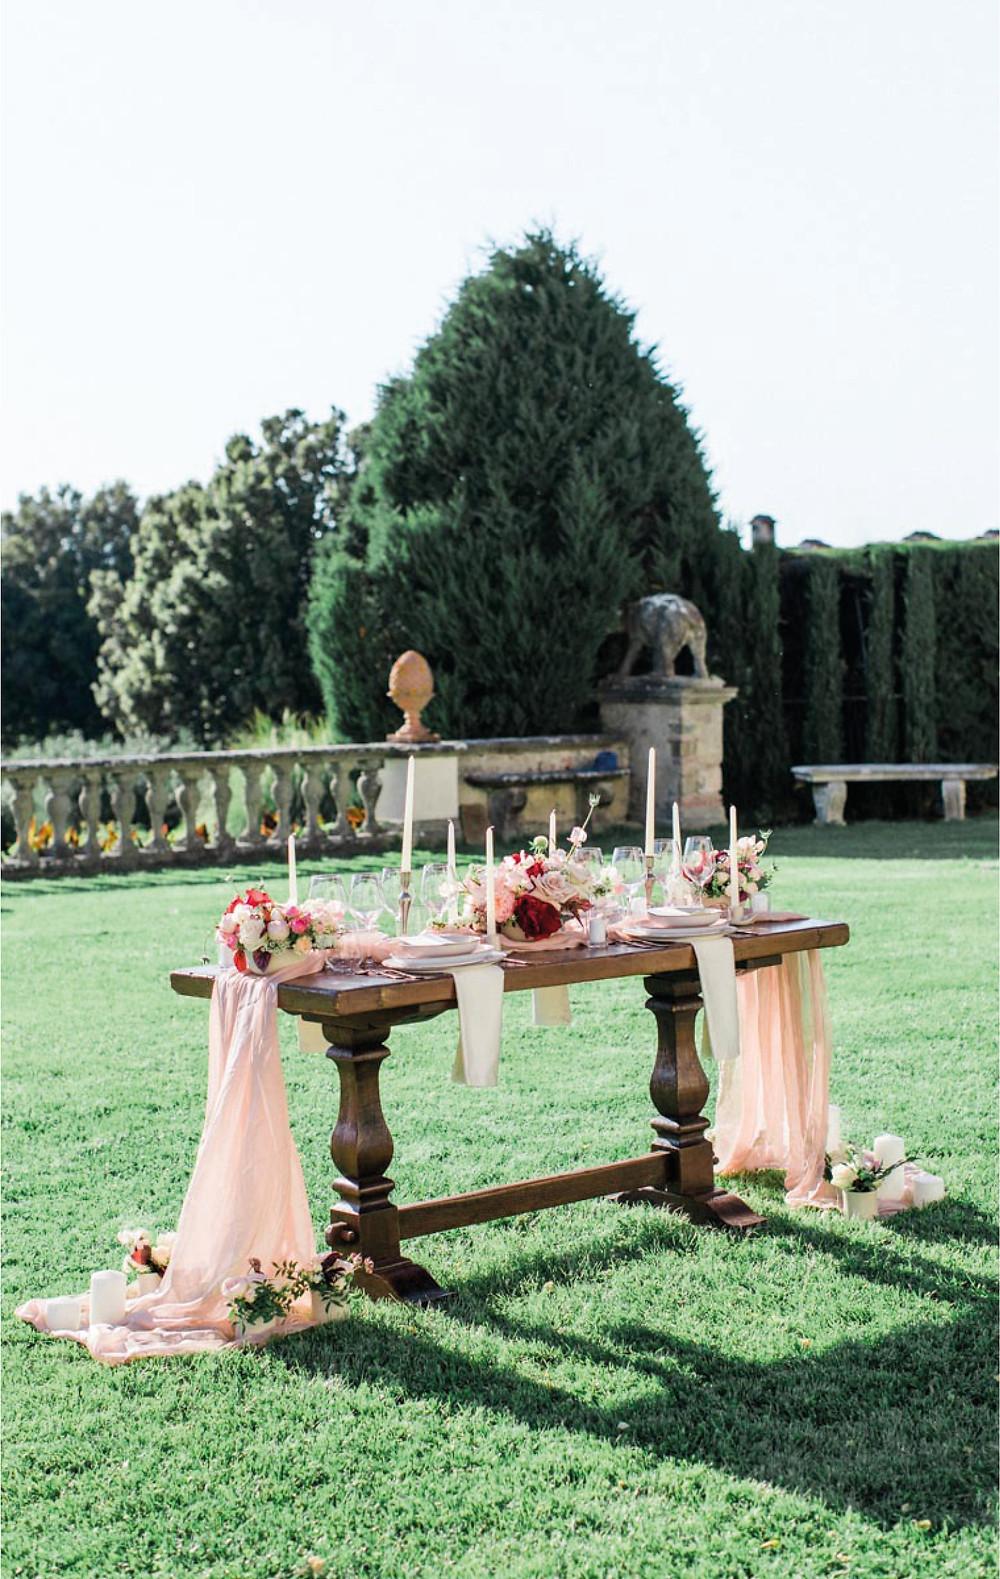 ispirazione per matrimonio in toscana, abito da sposa fatto a mano a Firenze